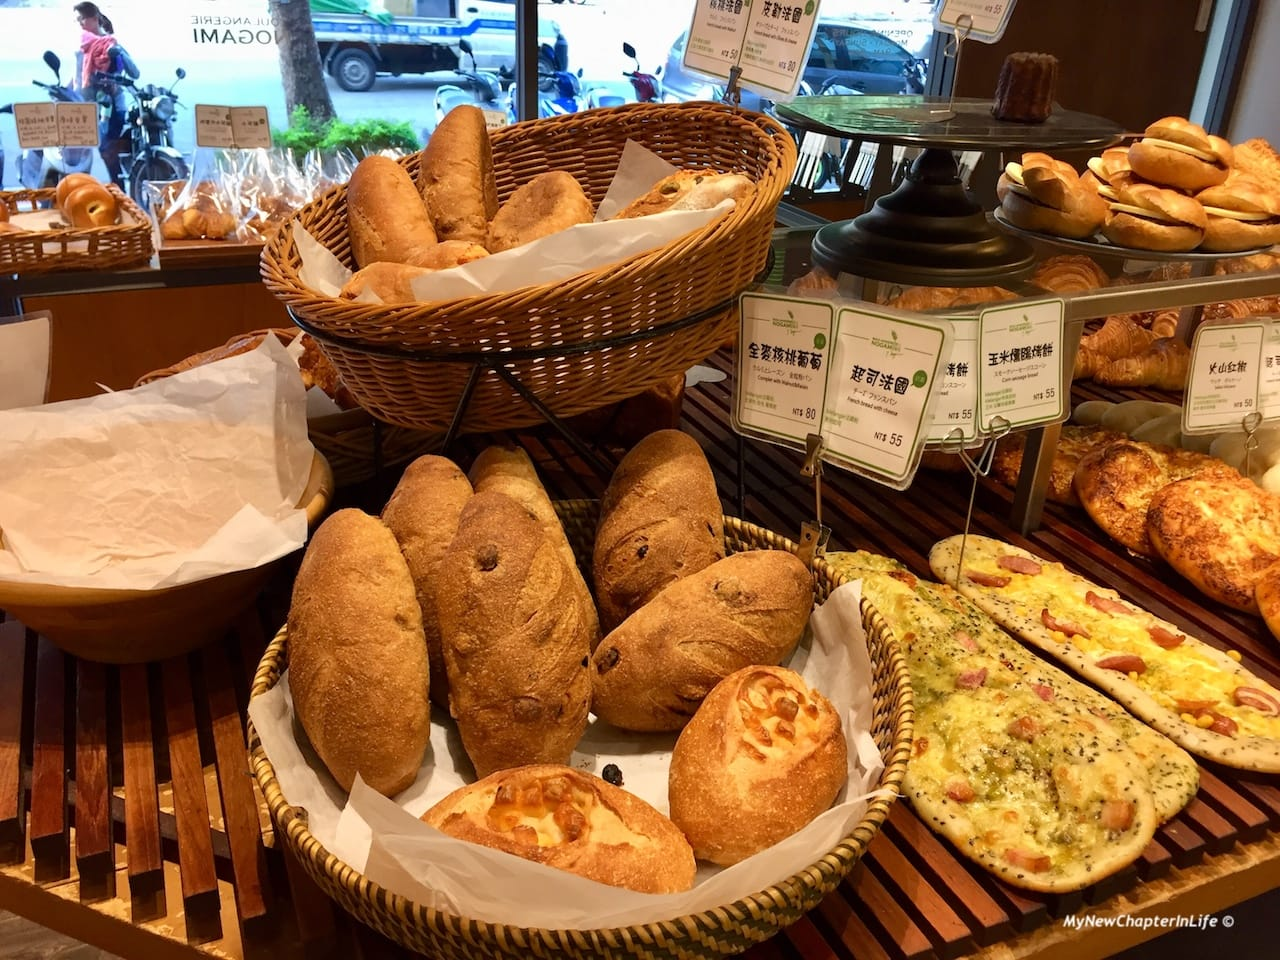 全麥核桃和各款法式麵包 Walnut whole-wheat bread and other French breads